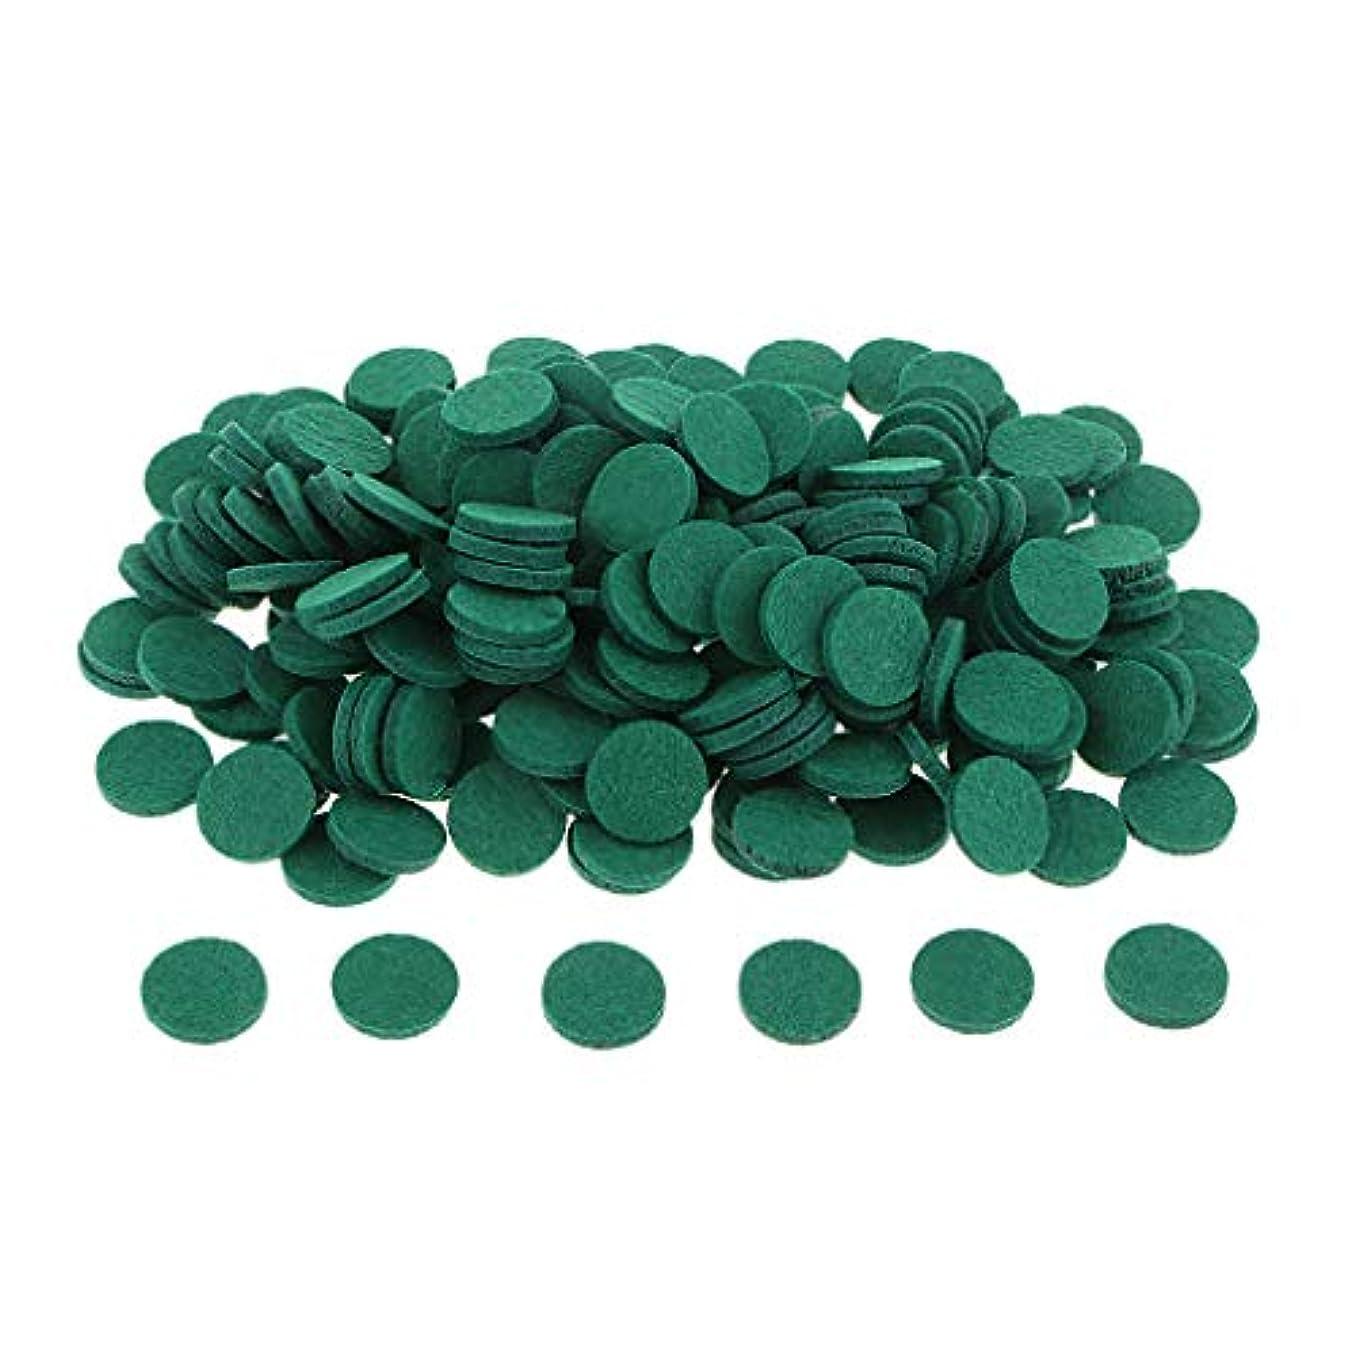 穴刻む発生する約200個入り 詰め替えパッド アロマオイルパッド パッド 詰め替え エッセンシャルオイル 部屋 全11色 - 緑